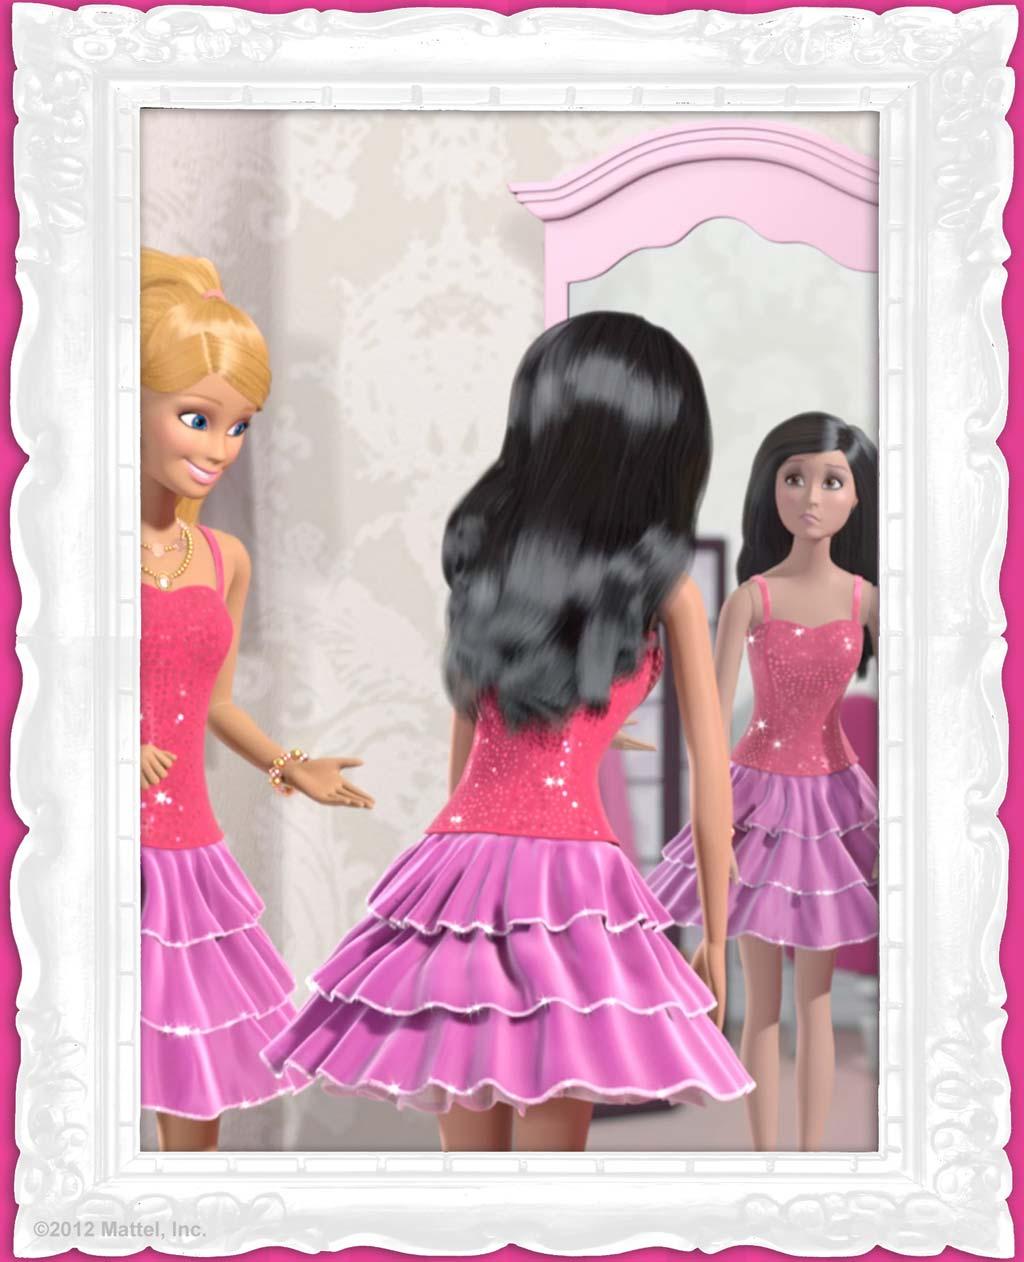 Barbie Life In The Dreamhouse Armario De Princesa : P?gina da barbie ? temporada de life in the